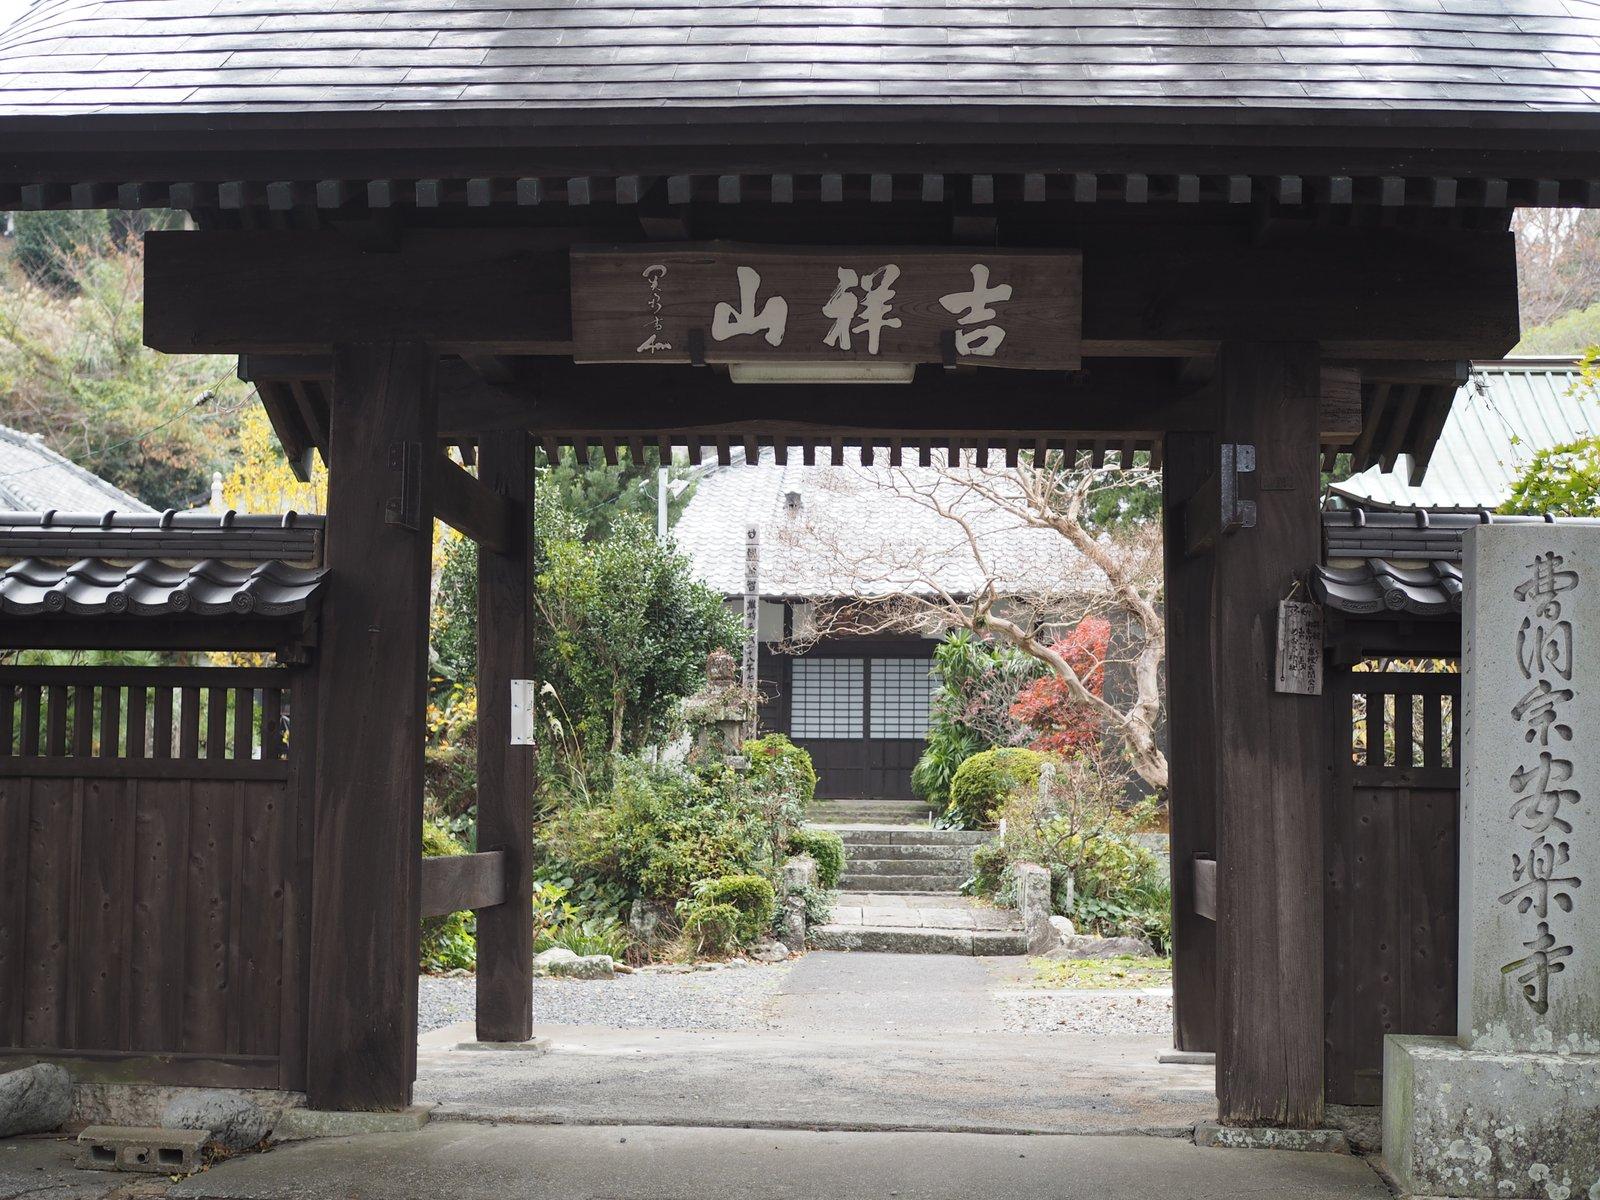 安楽寺(静岡県伊豆市)